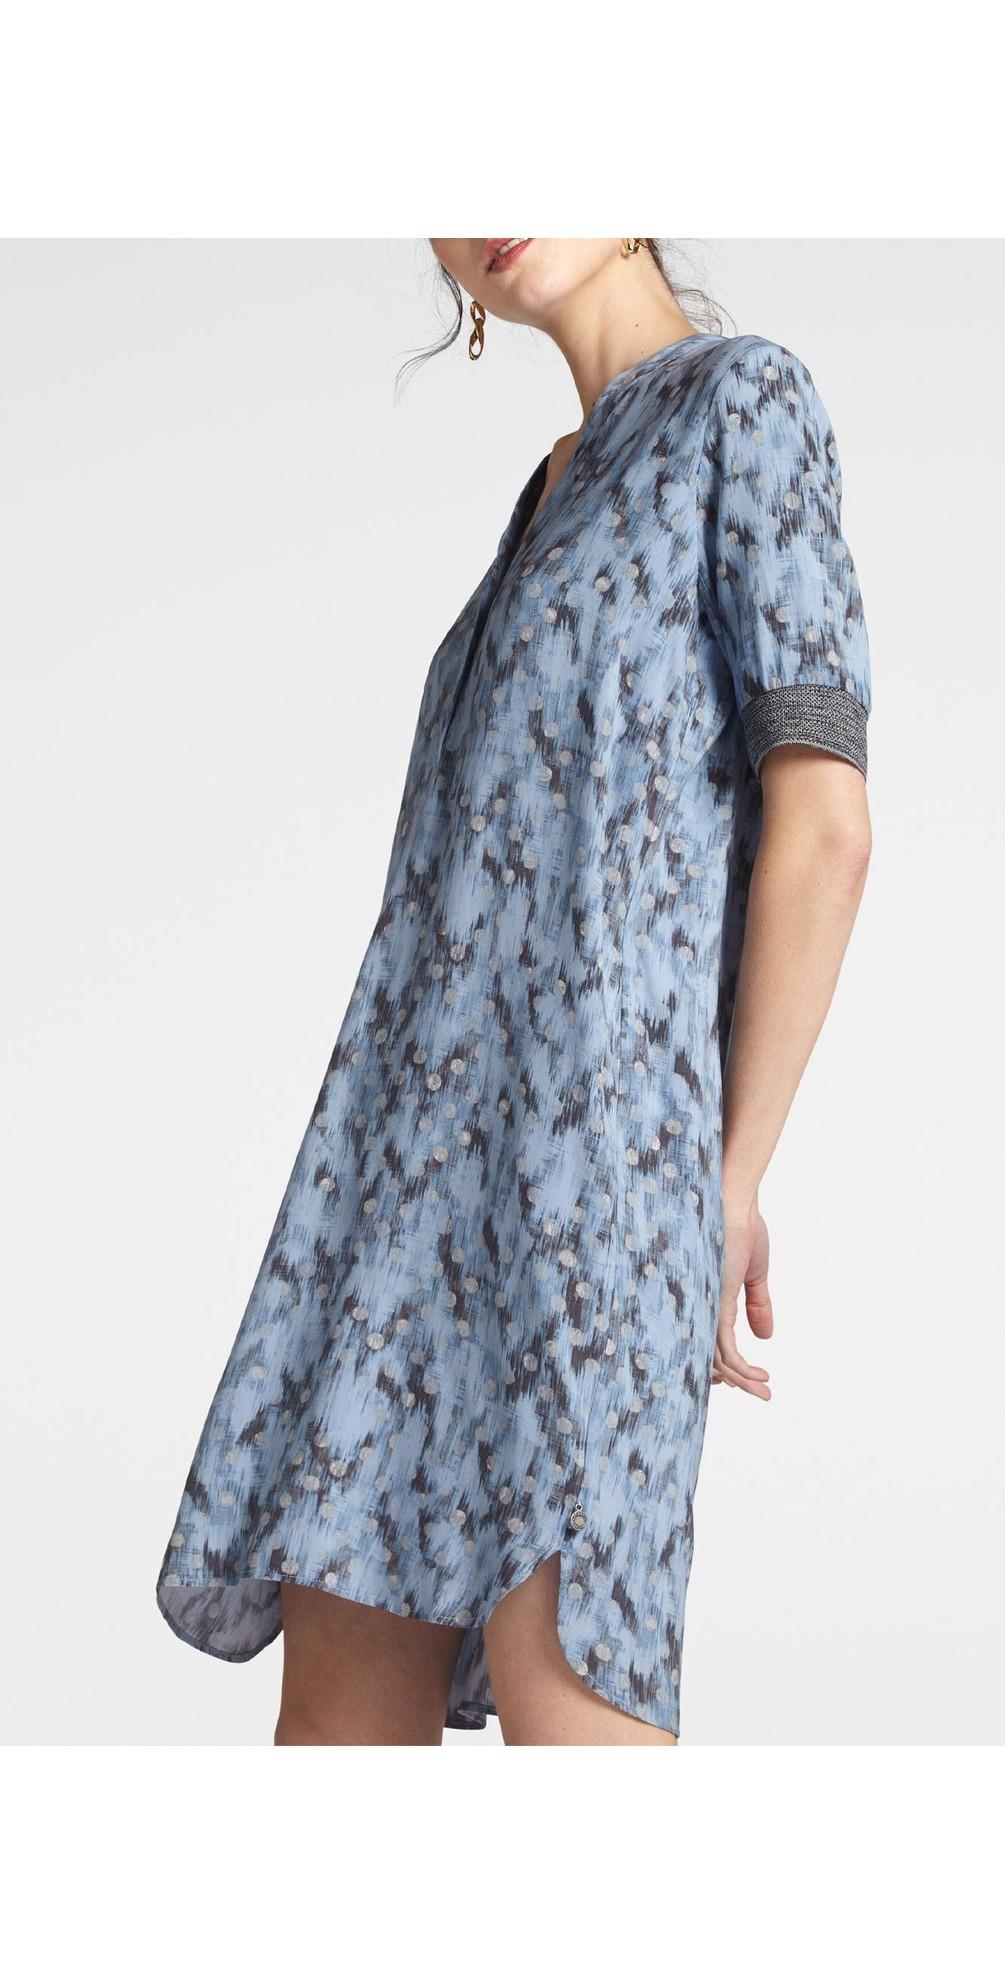 Abstract Spot Print Dress main image